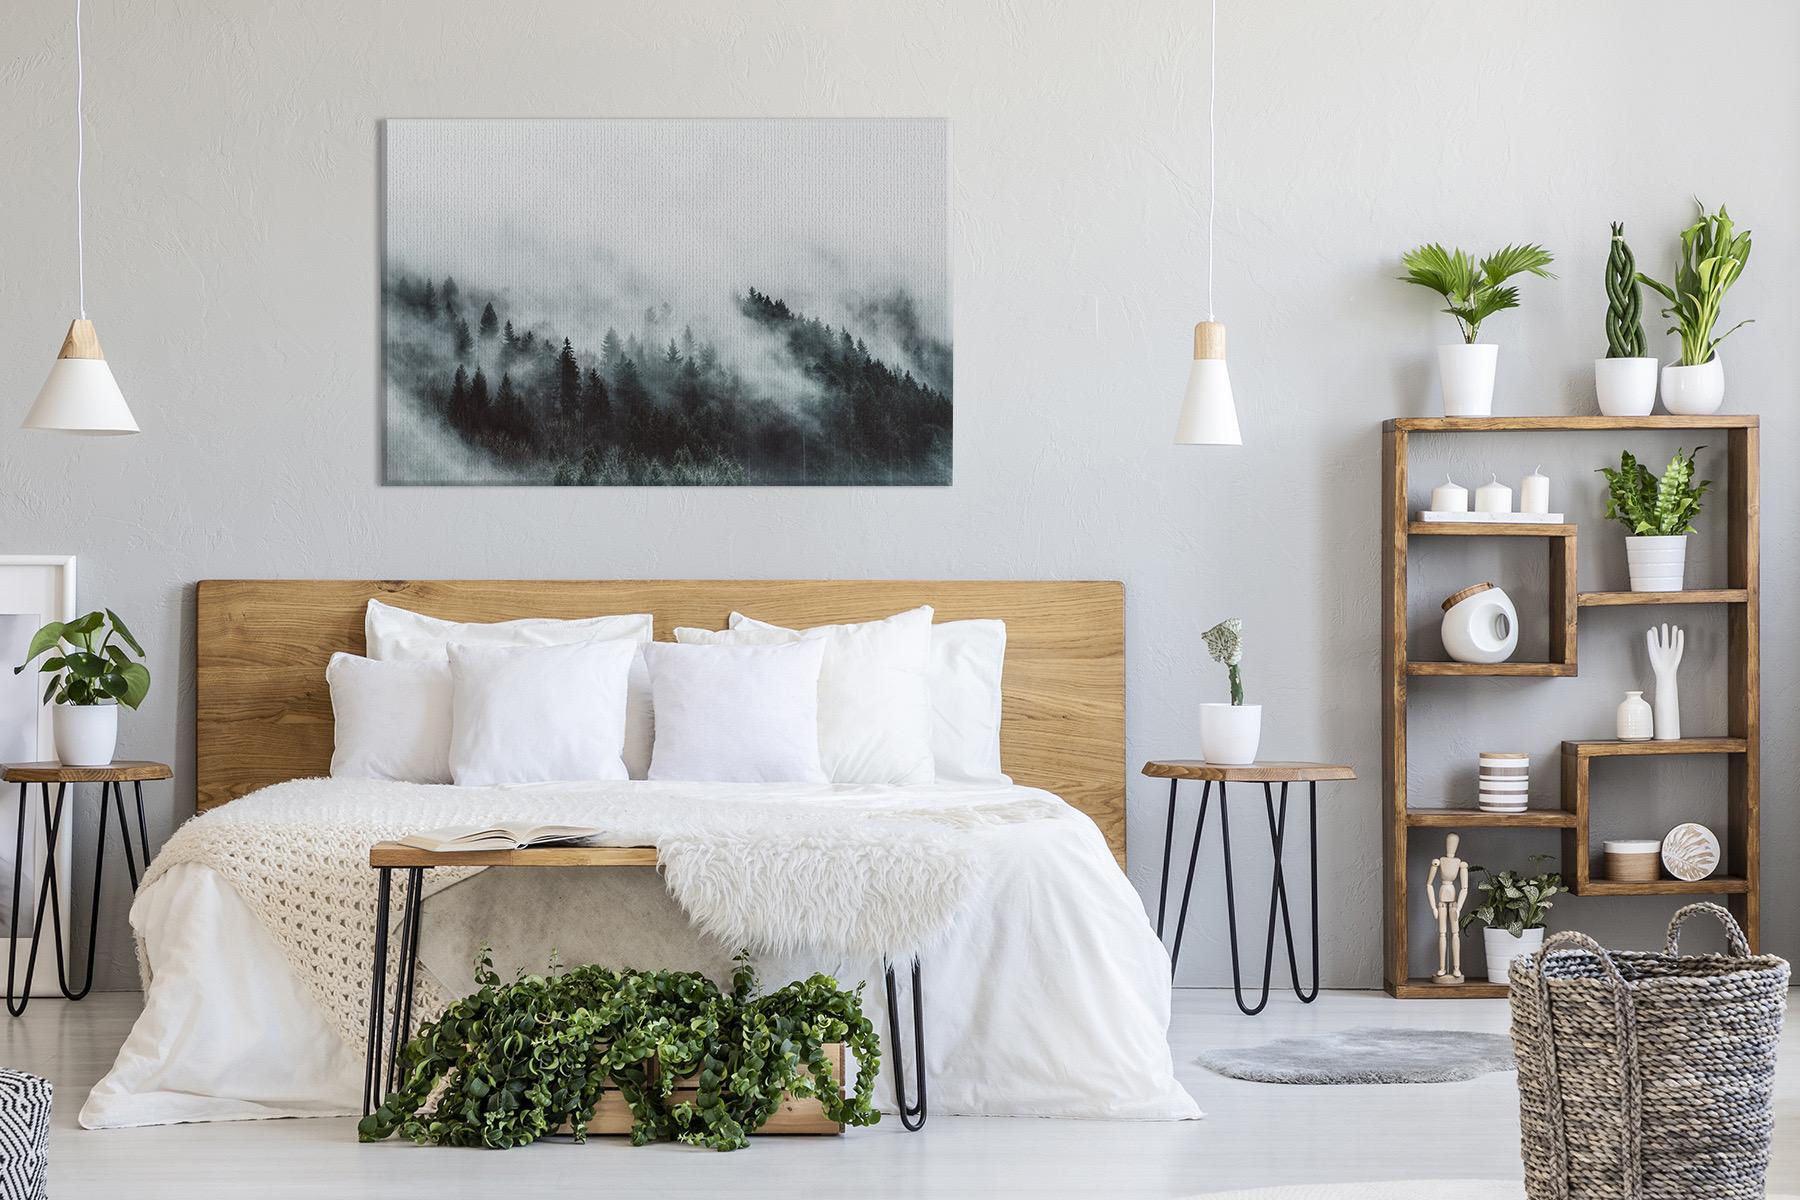 Obrazy z naturą – dekoracja, która odmieni każde mieszkanie 17